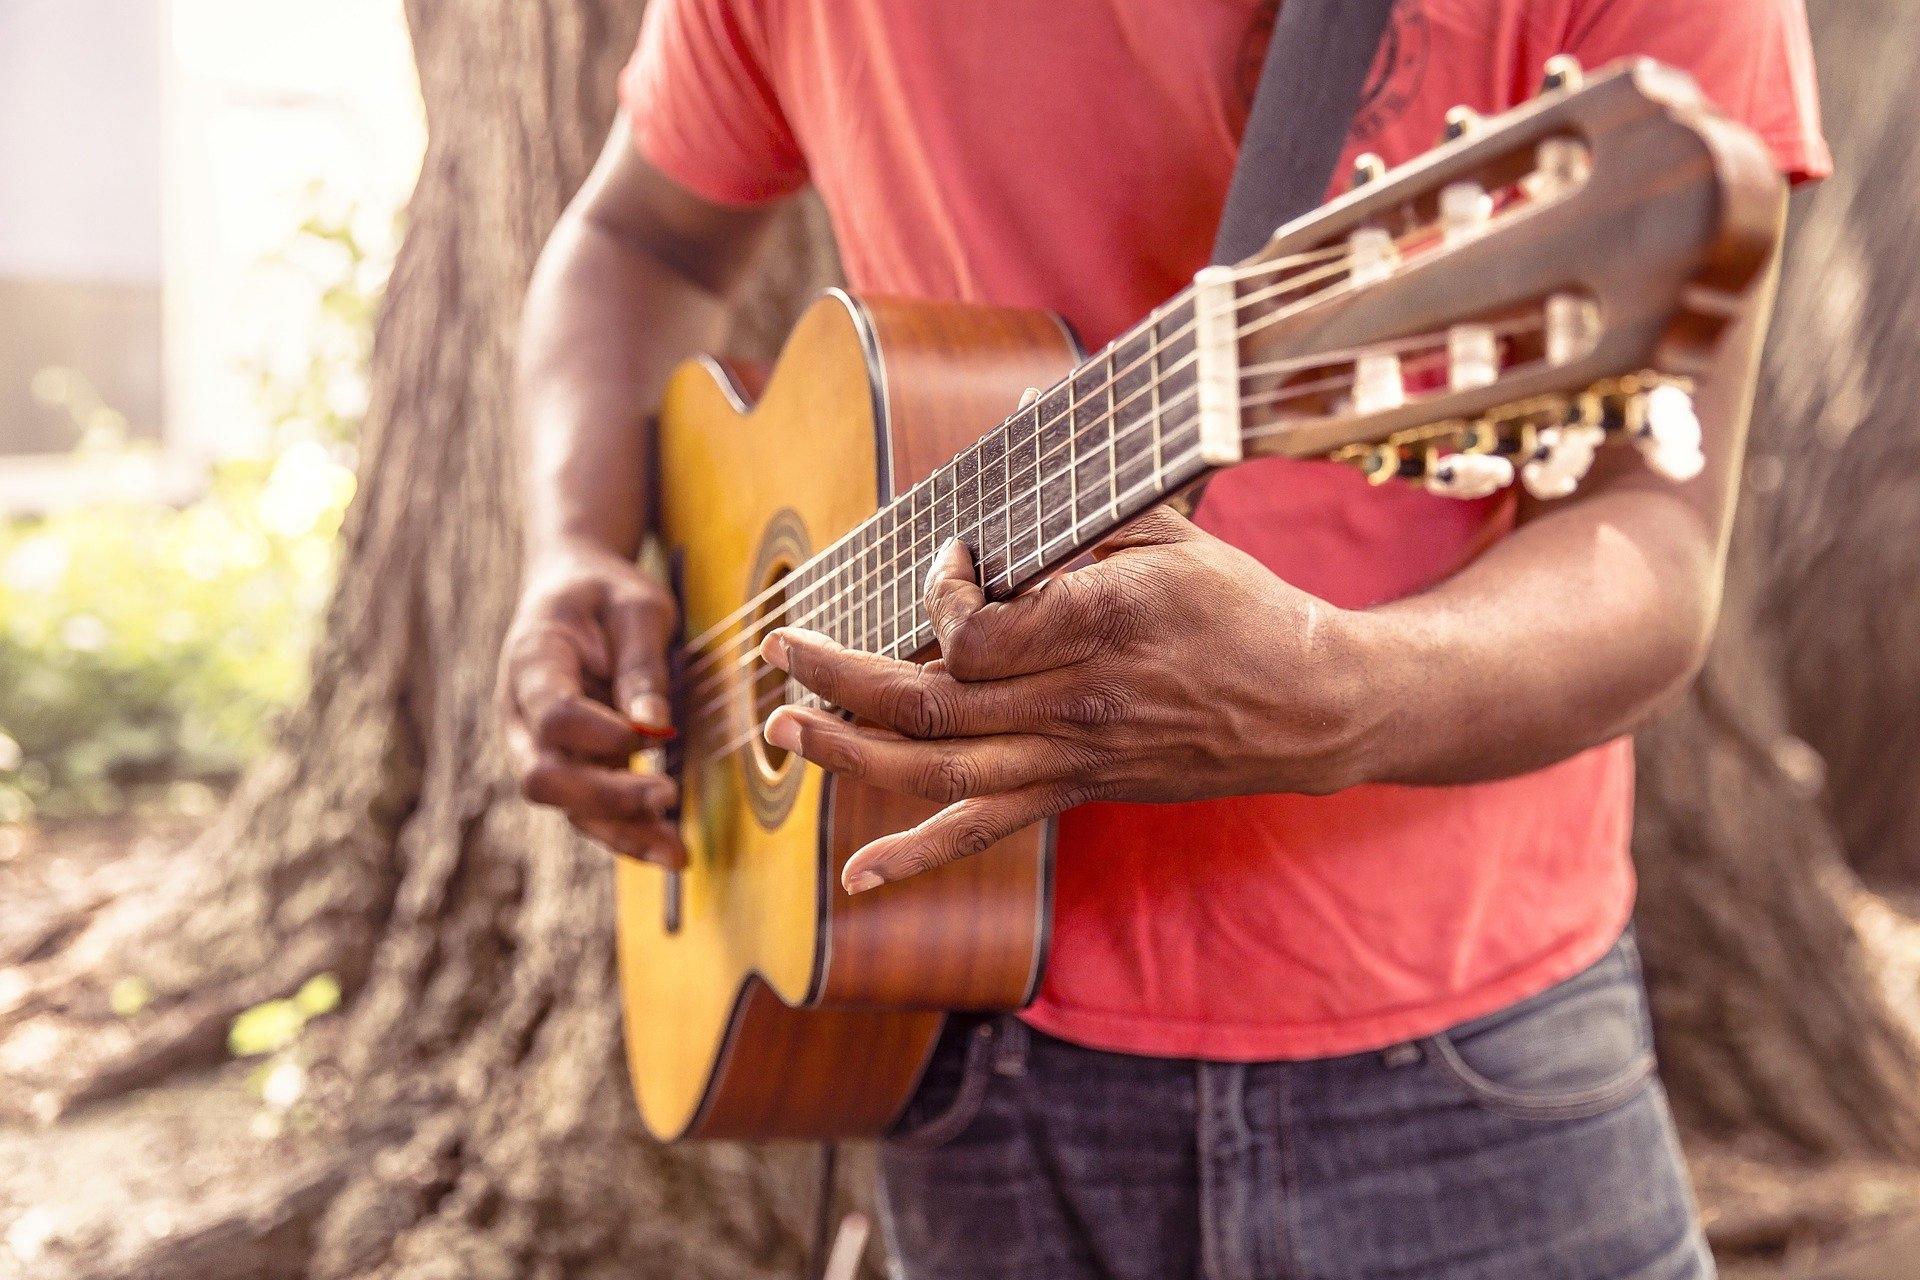 guitar-869217_1920_RyanMcGuire